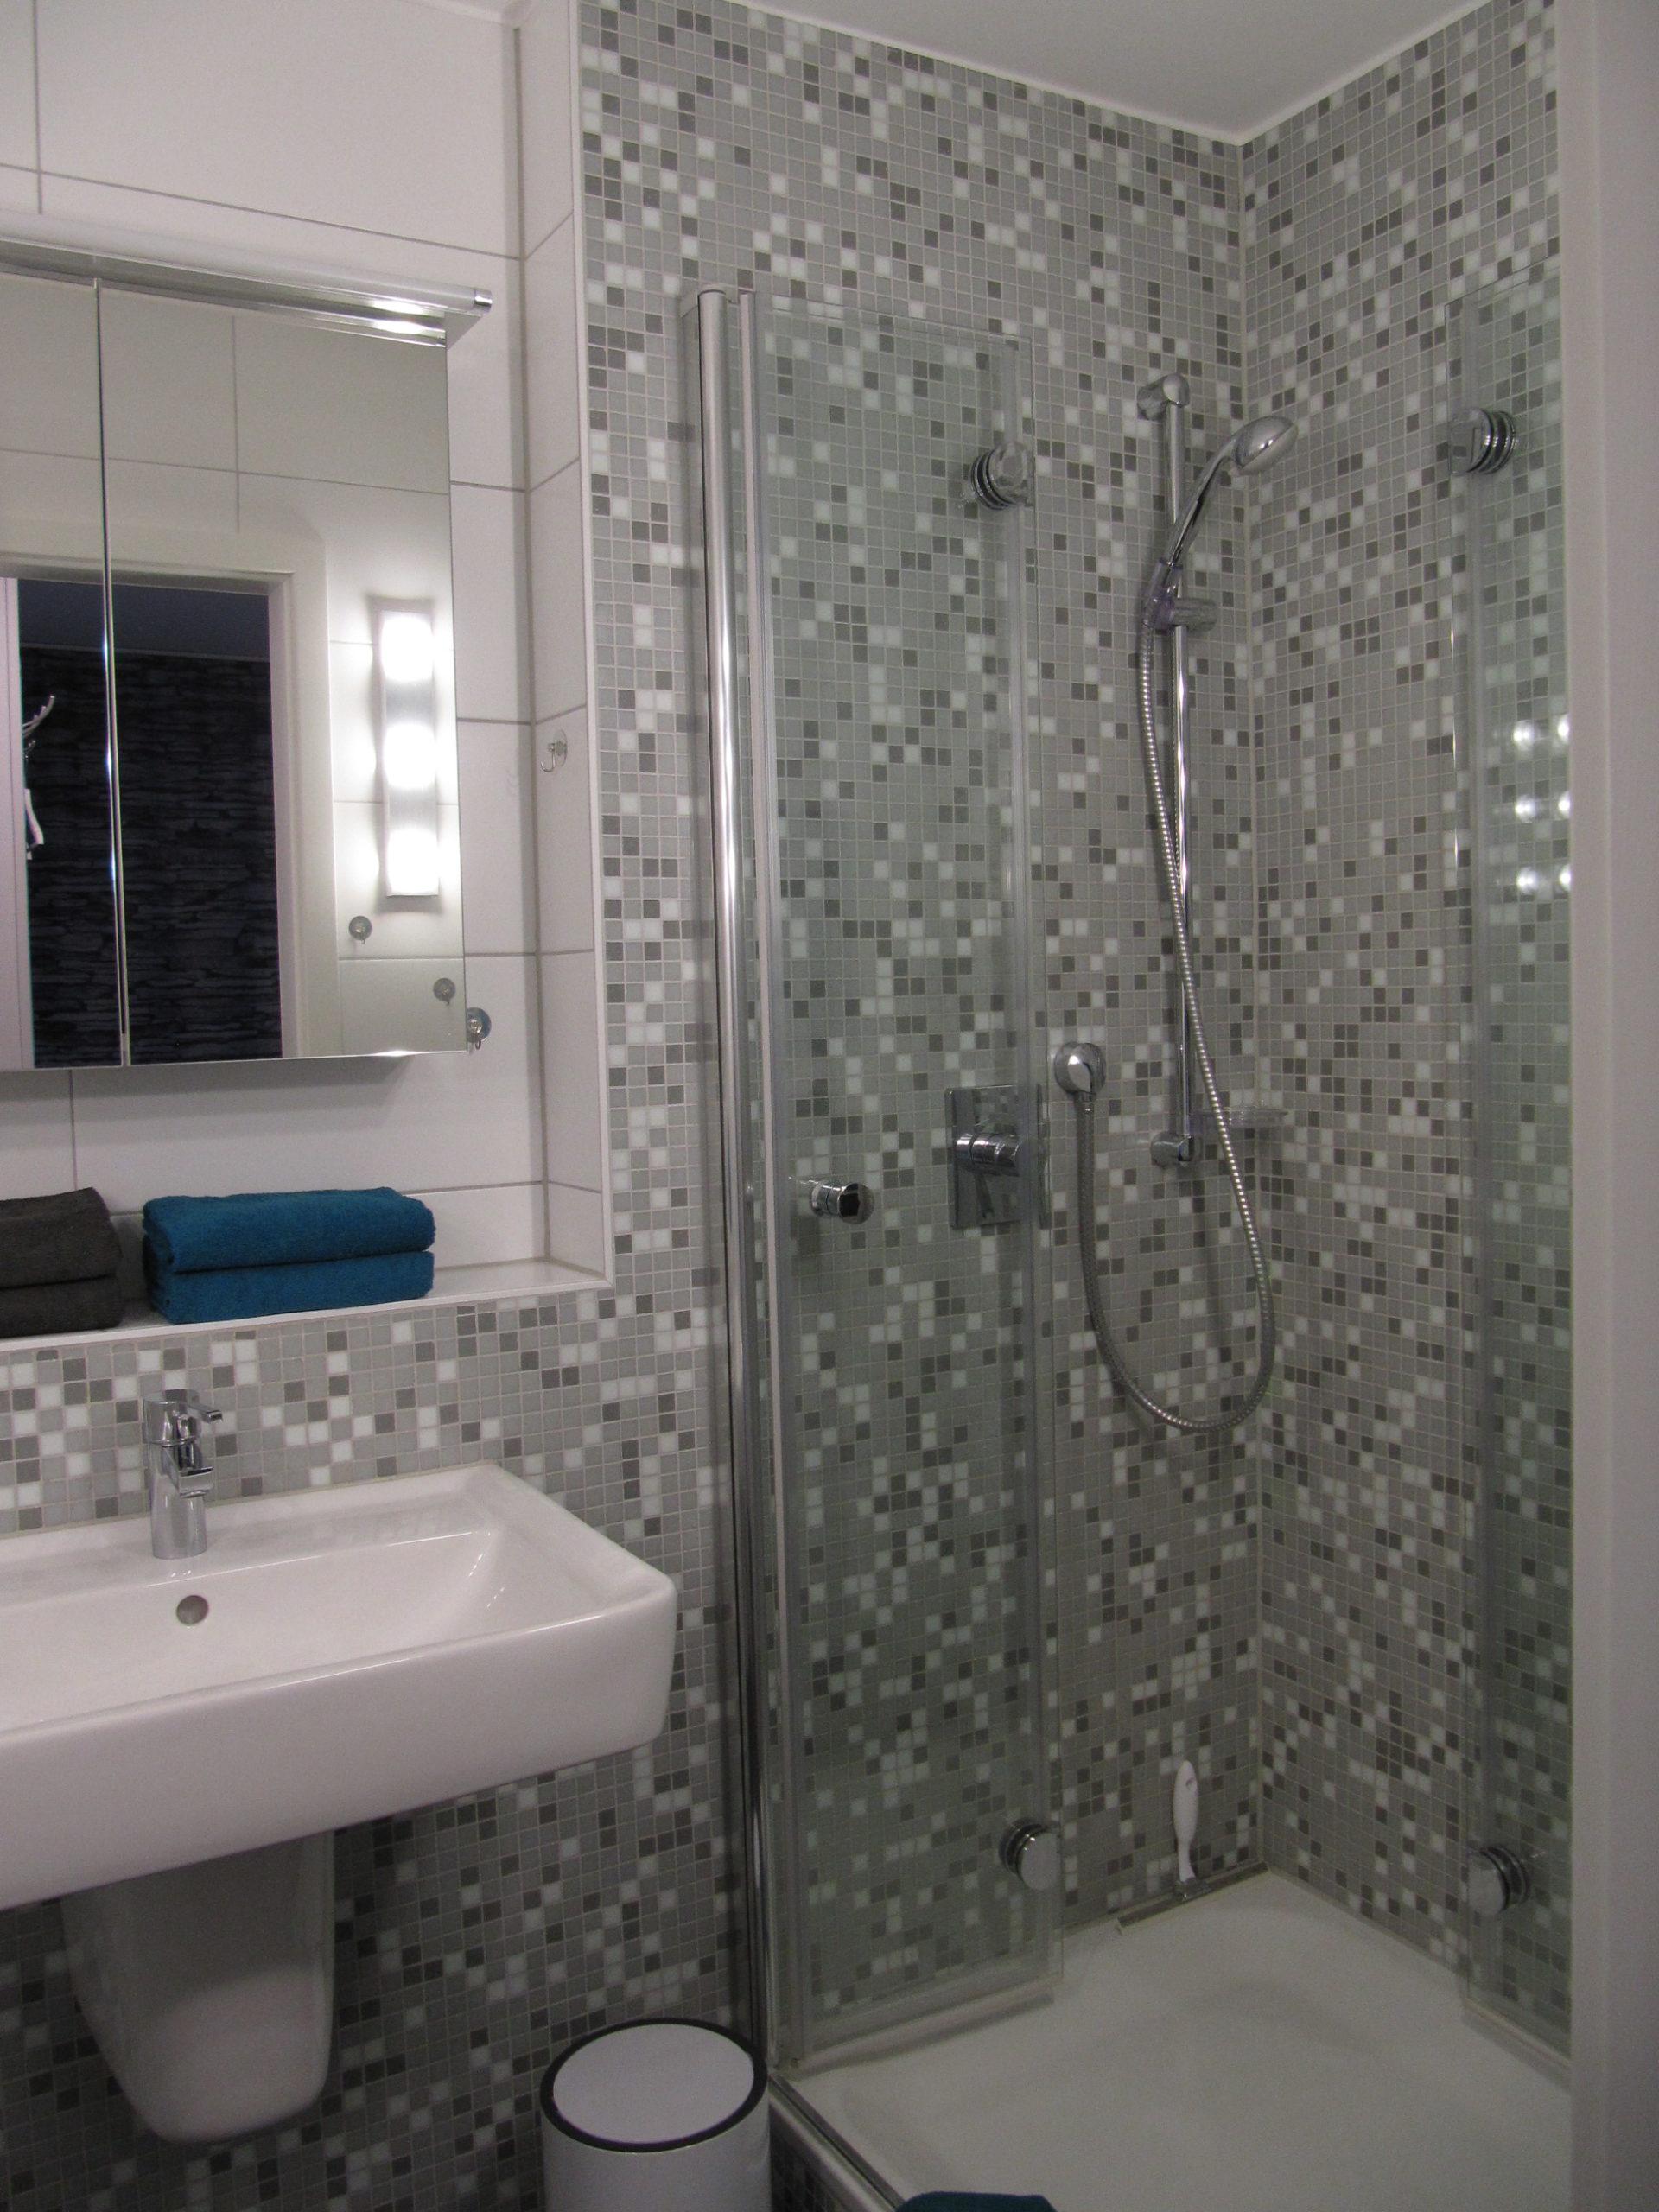 Waschbecken und Duschkabine im Badezimmer